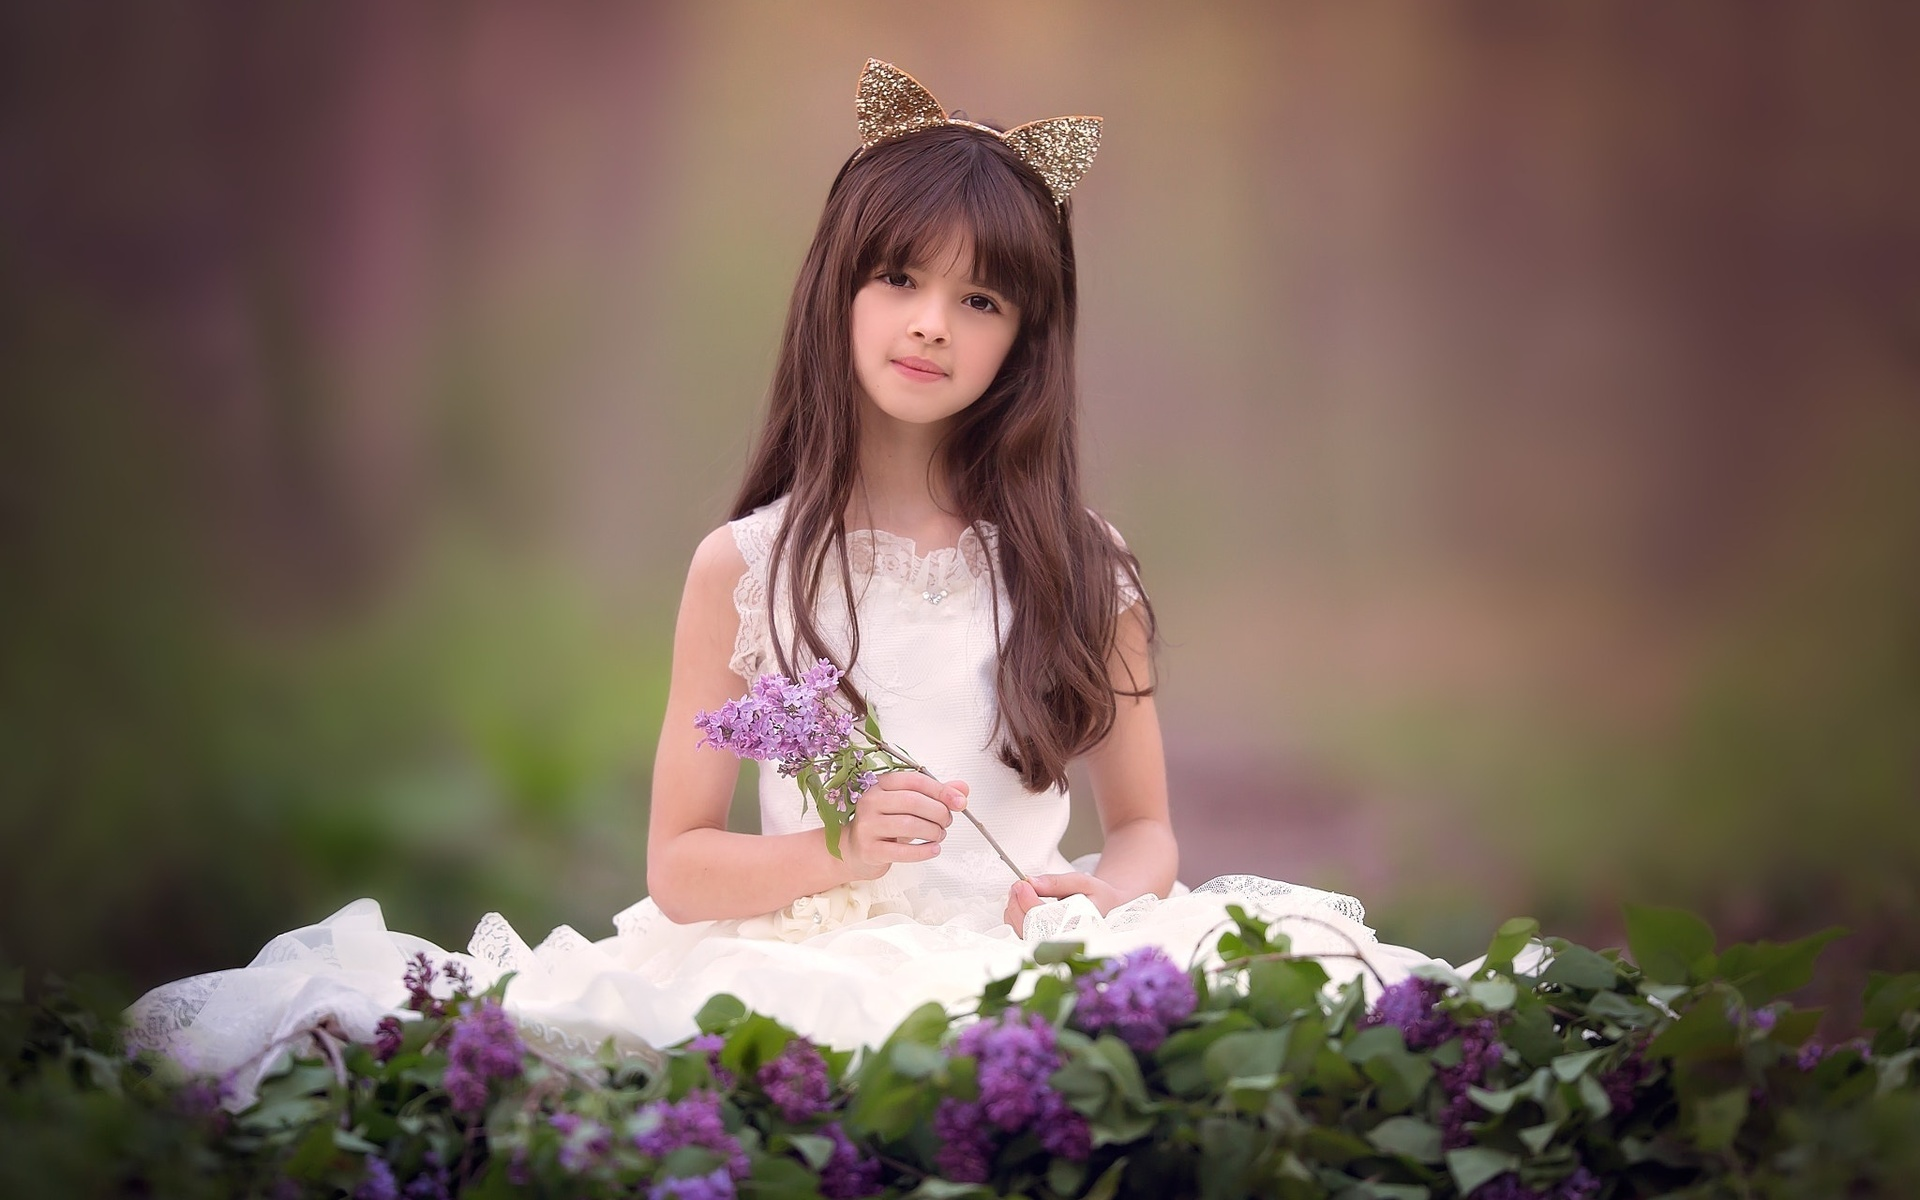 Картинка ребенок девочка брюнетка